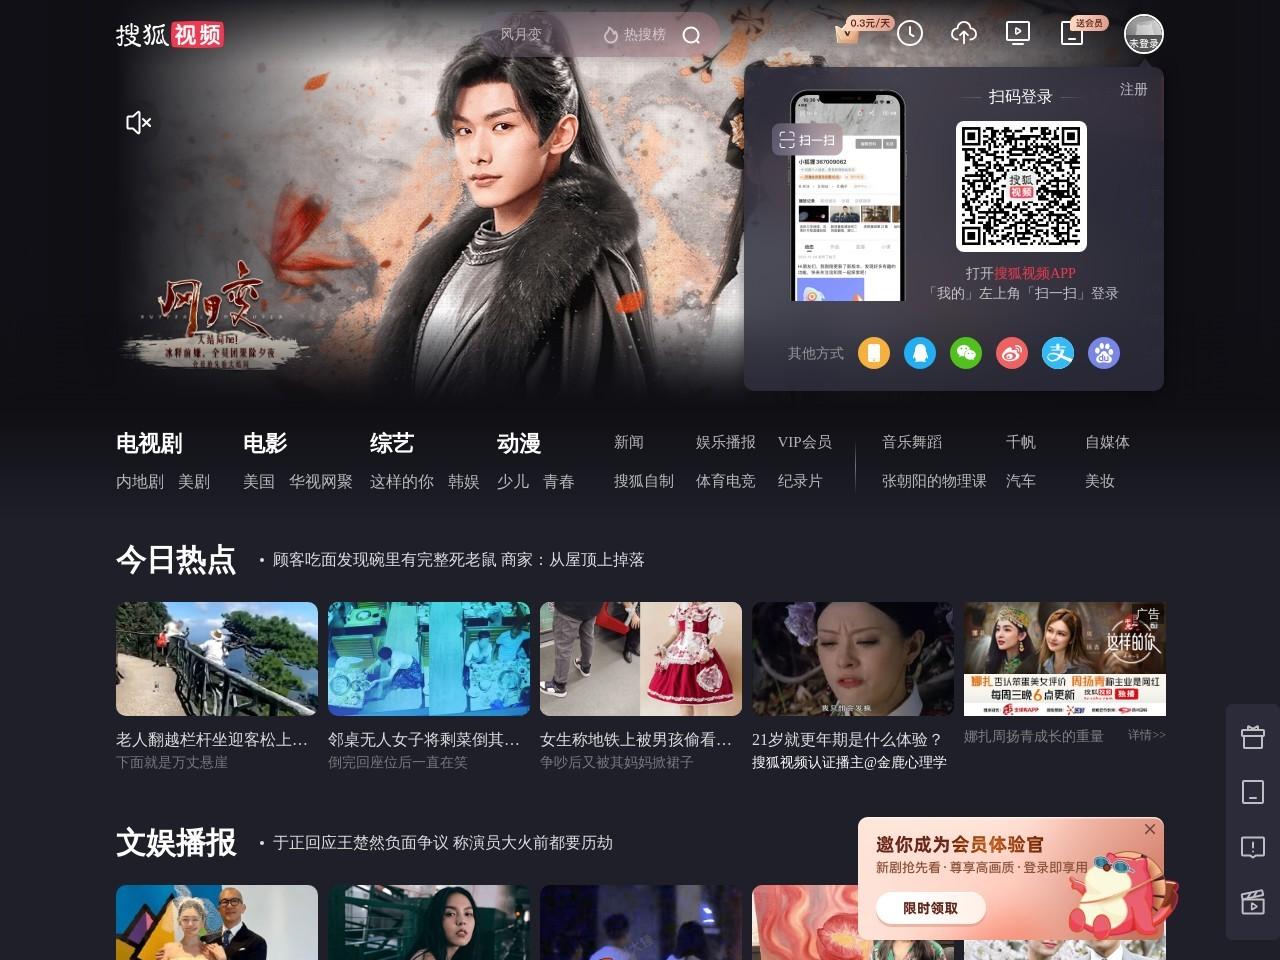 《画心师》第1集 - 高清正版在线观看 - 搜狐视频